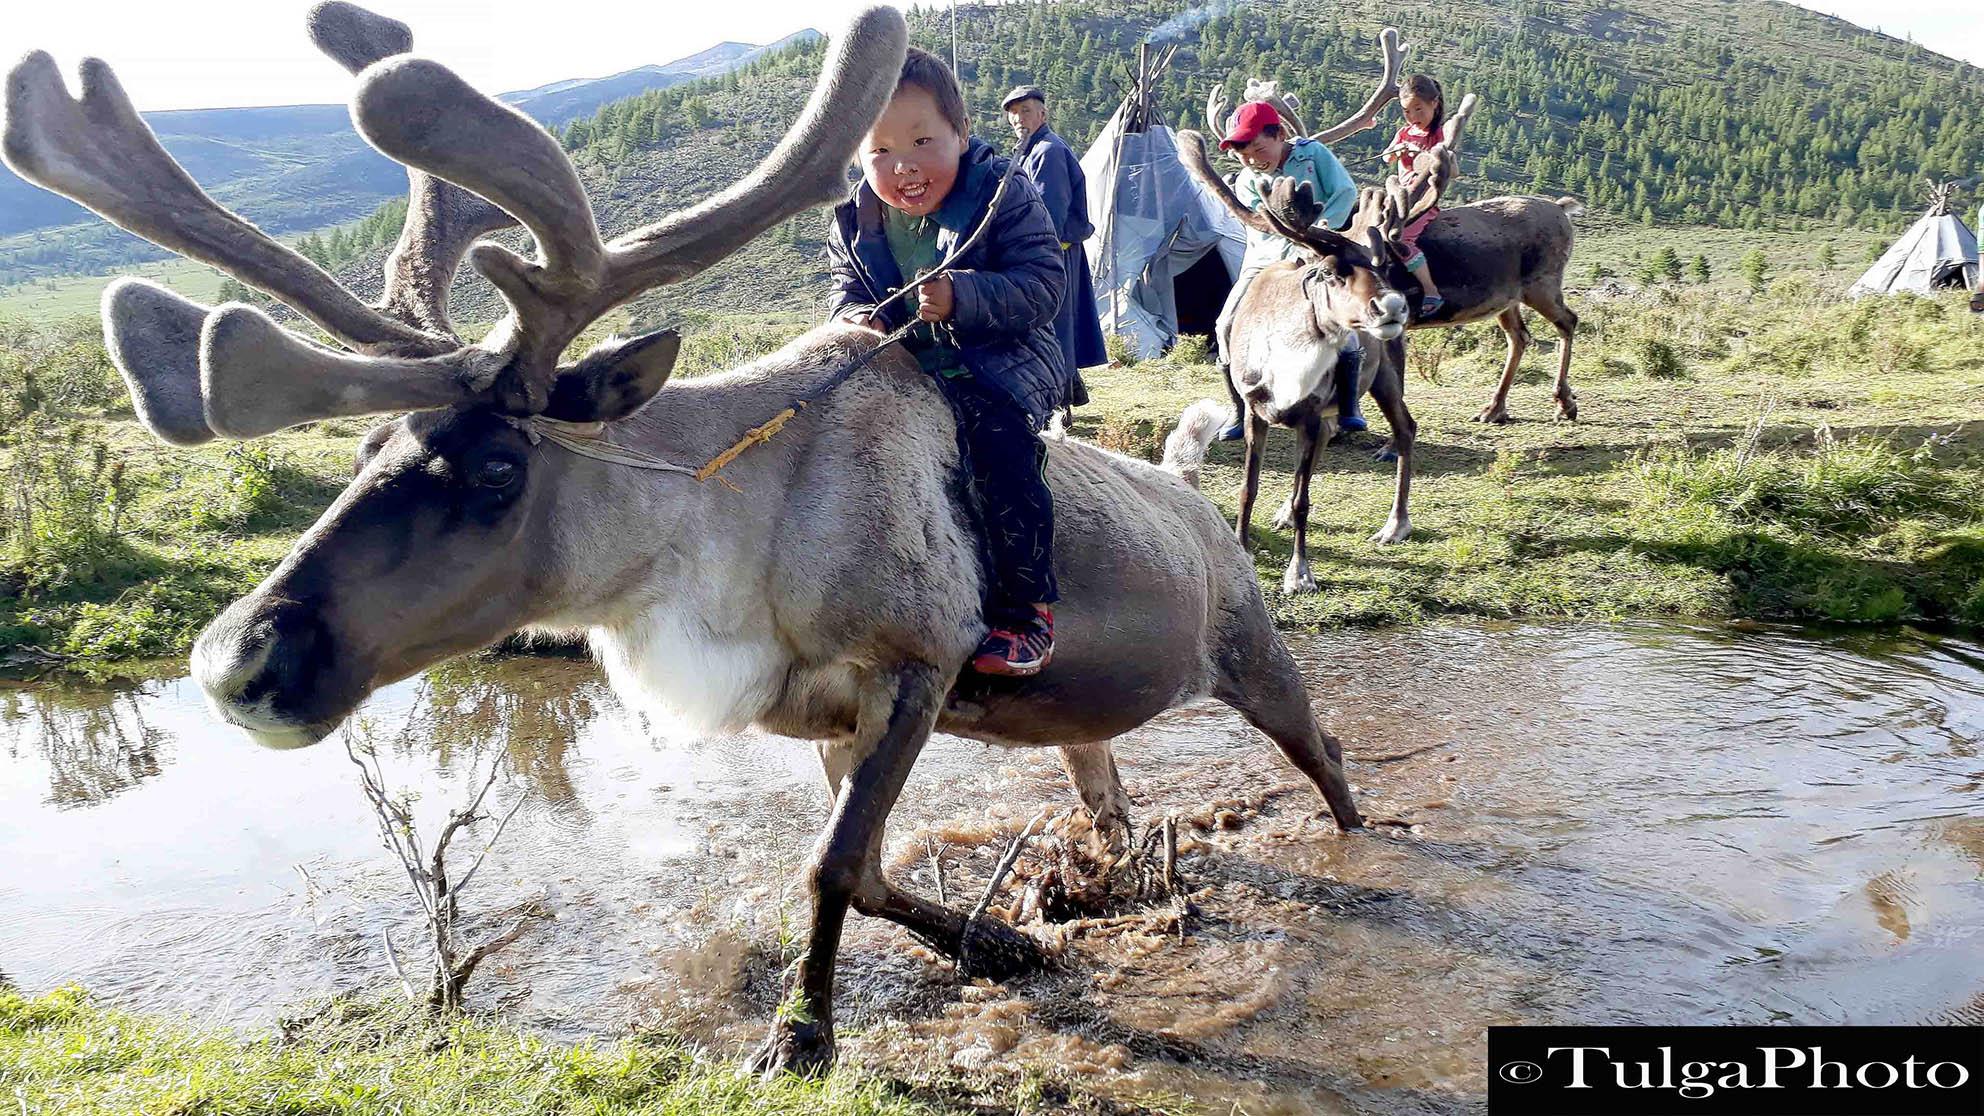 Reindeer rider crossing water